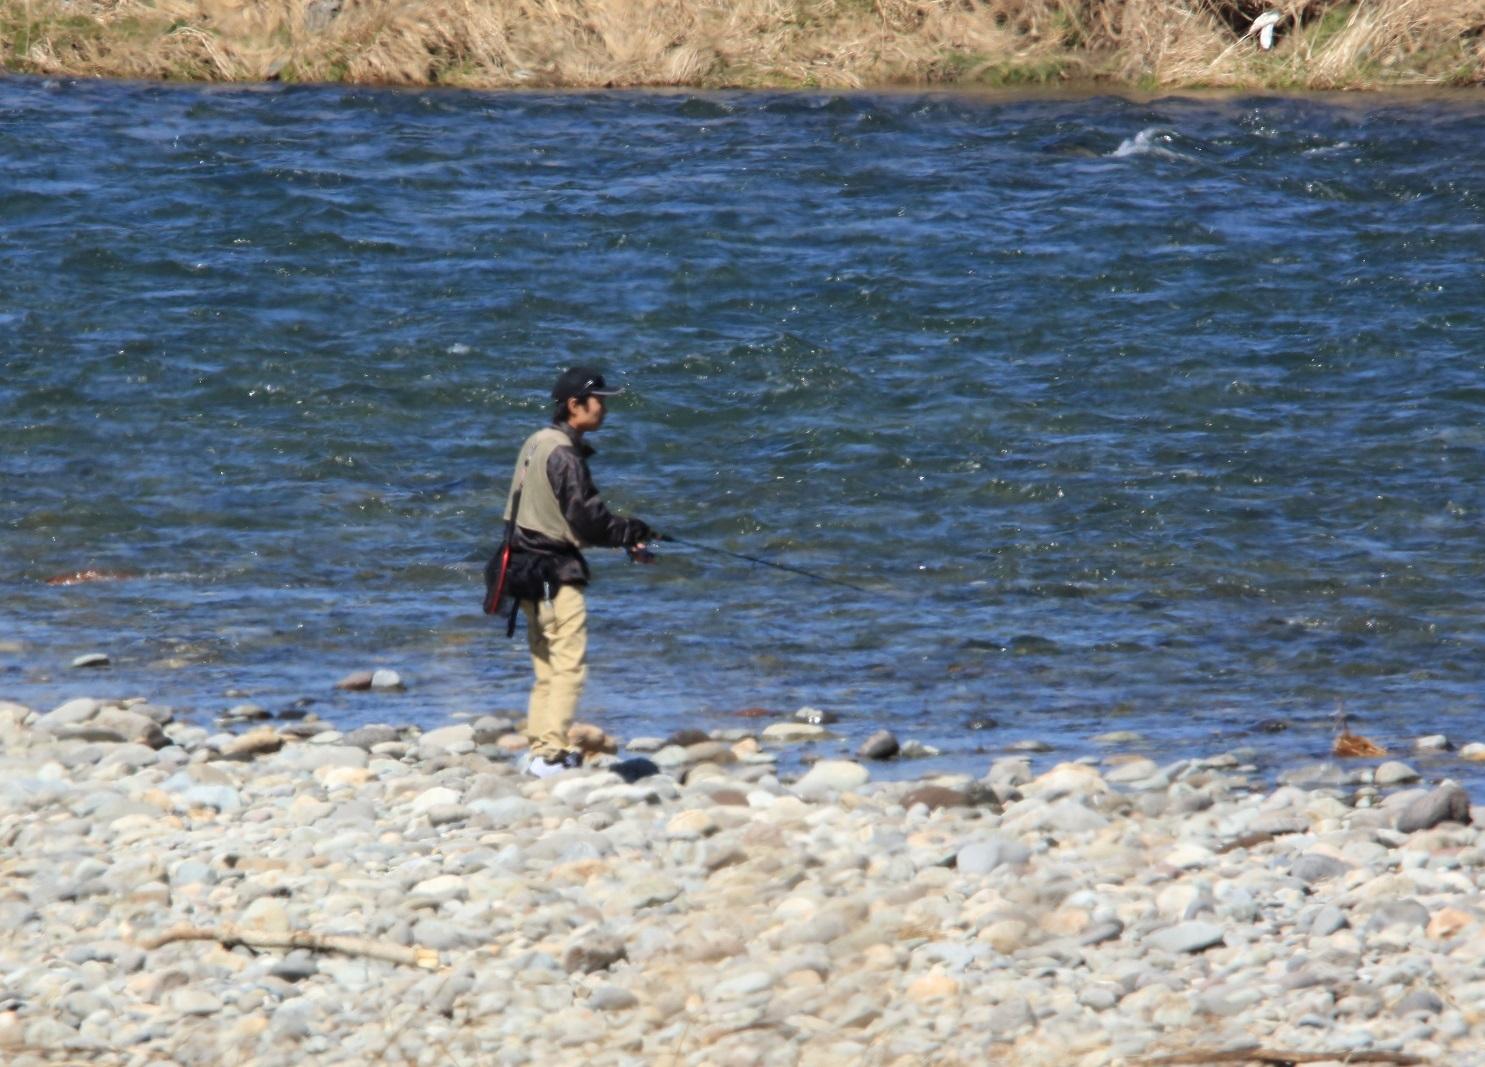 ブログ 河原には釣り人が.jpg